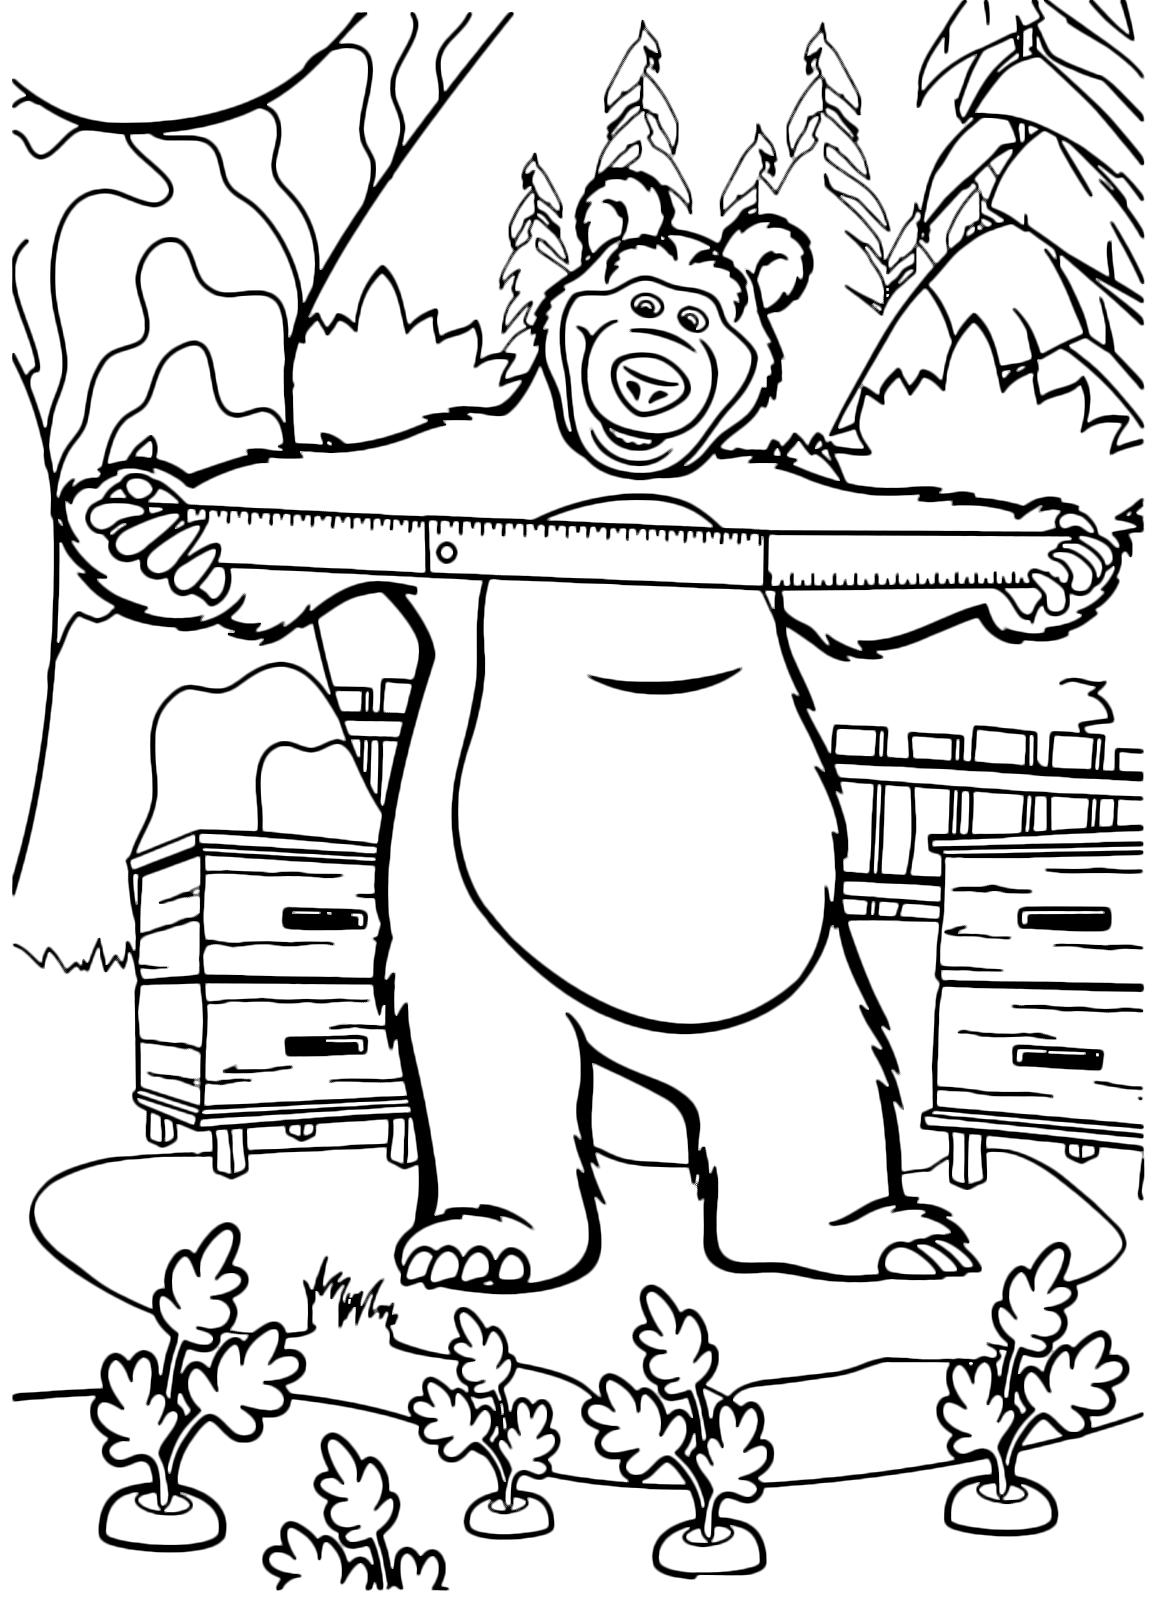 Masha e orso orso misura con il metro le carote for Masha e orso stampa e colora